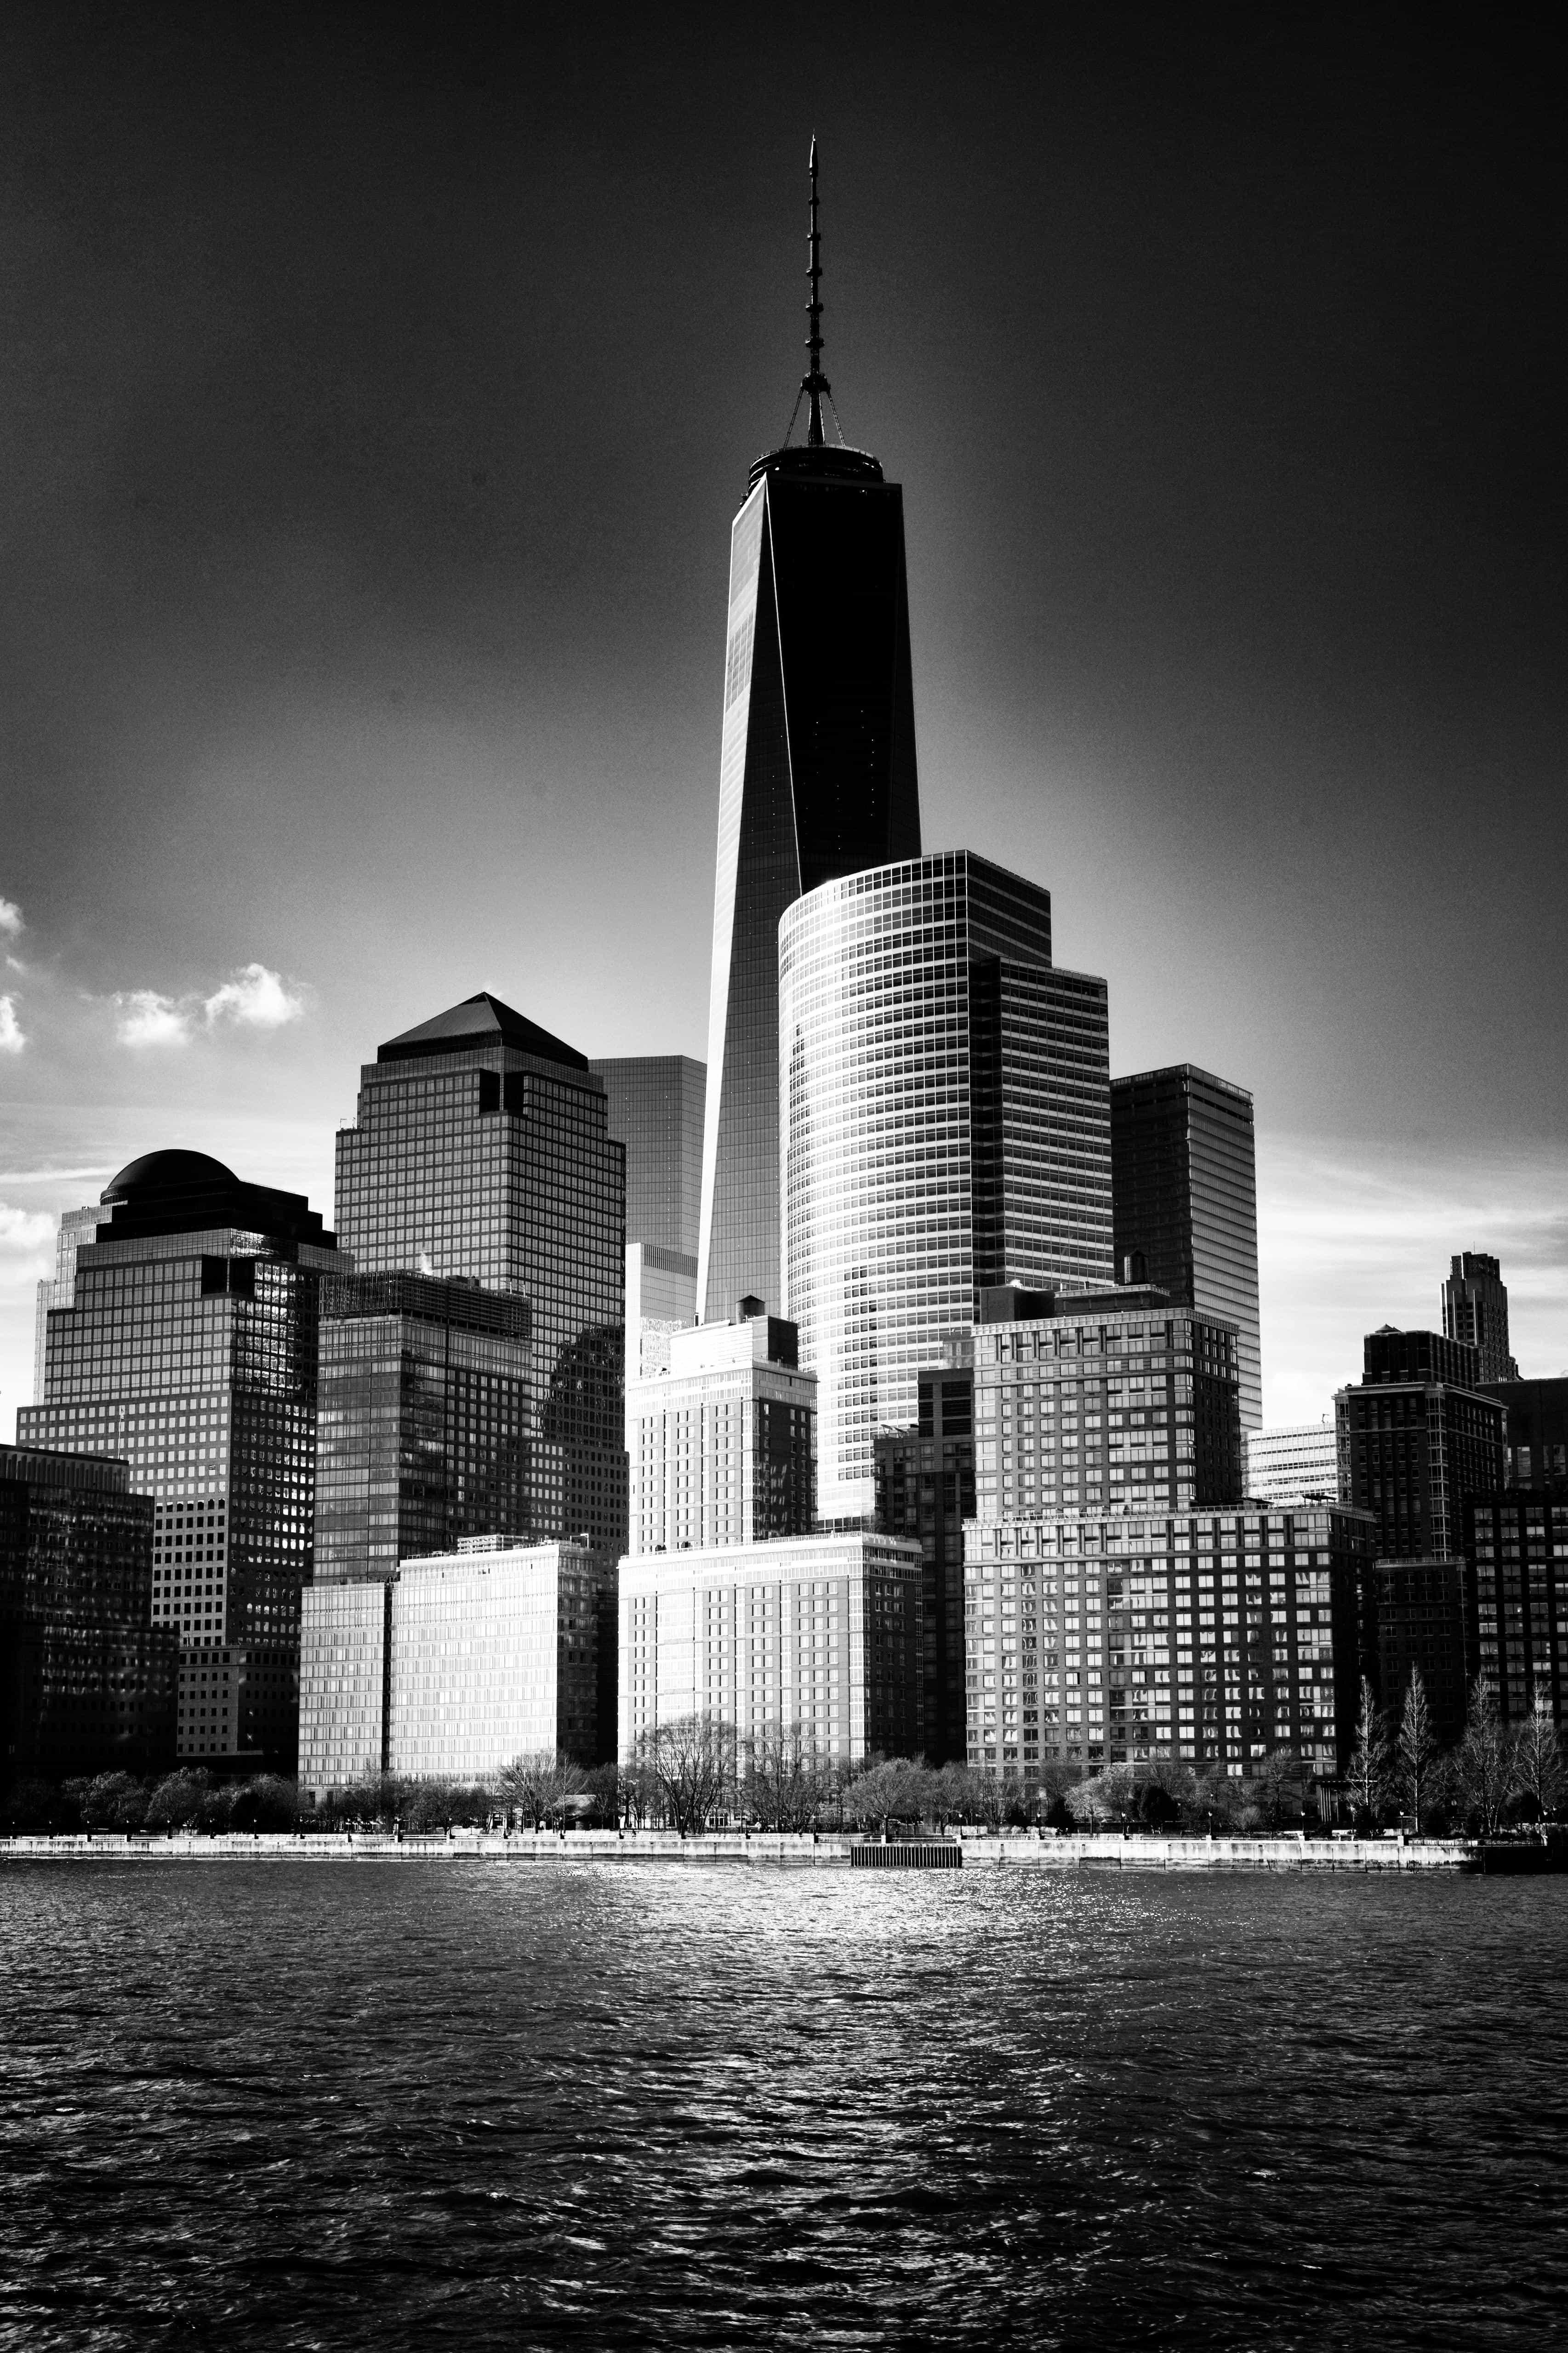 Free picture city architecture monochrome cityscape